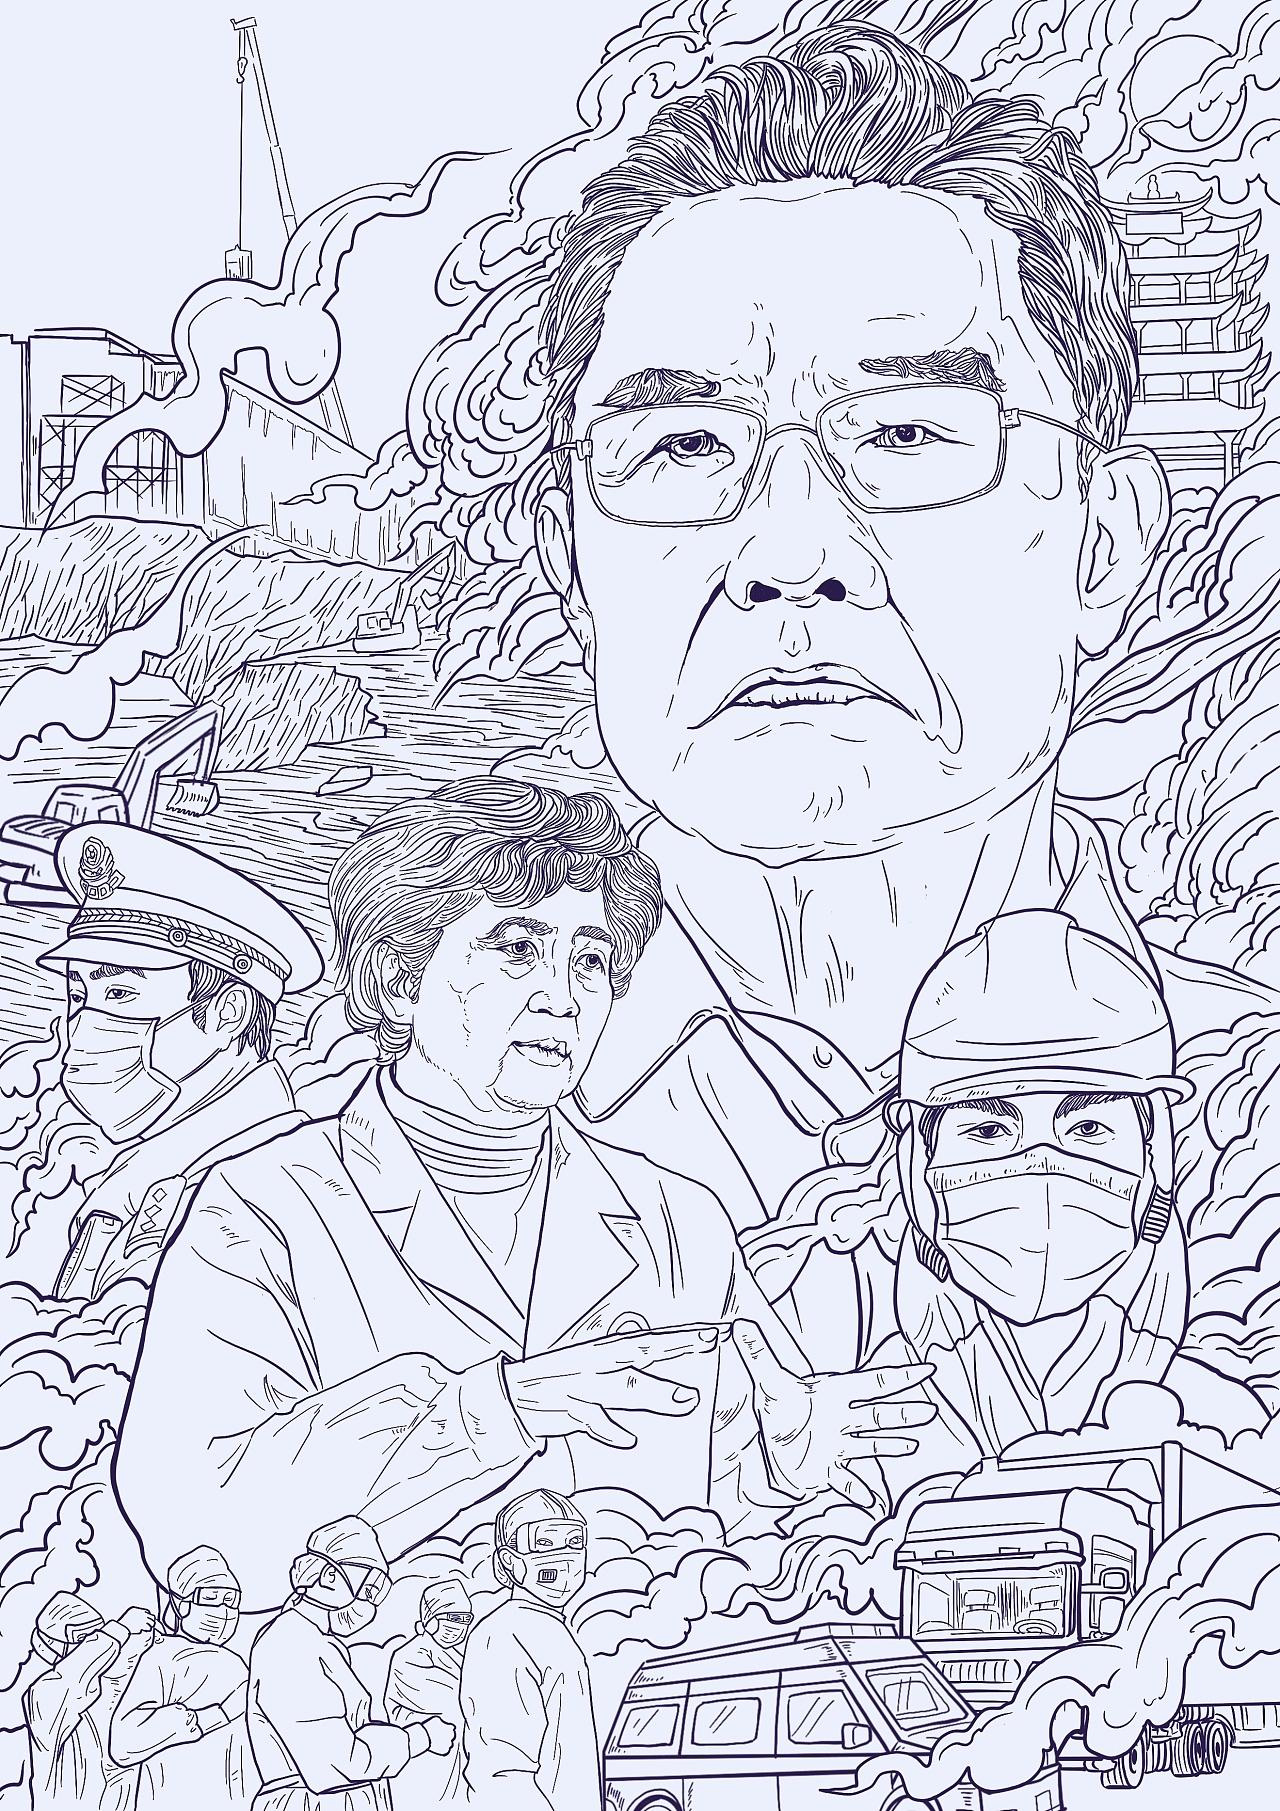 武汉爆发冠状病毒,加强团结一致,共同抗击